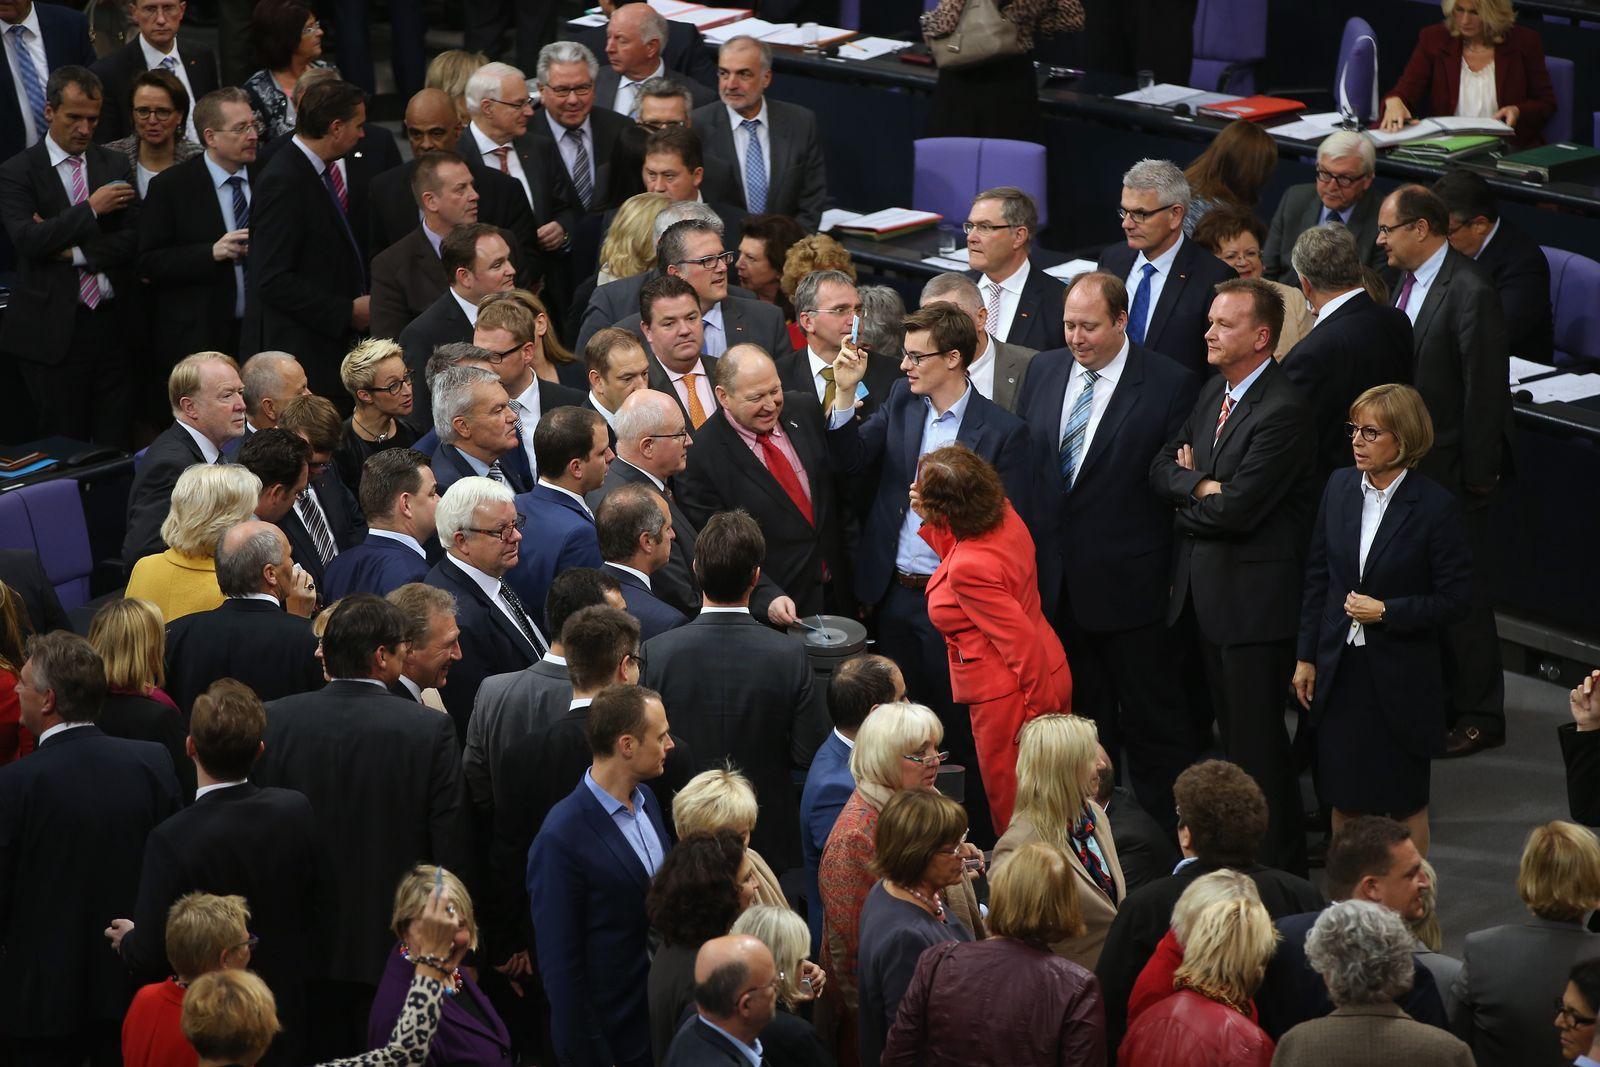 Bundestag/ Asylgesetzreform/ Abstimmung